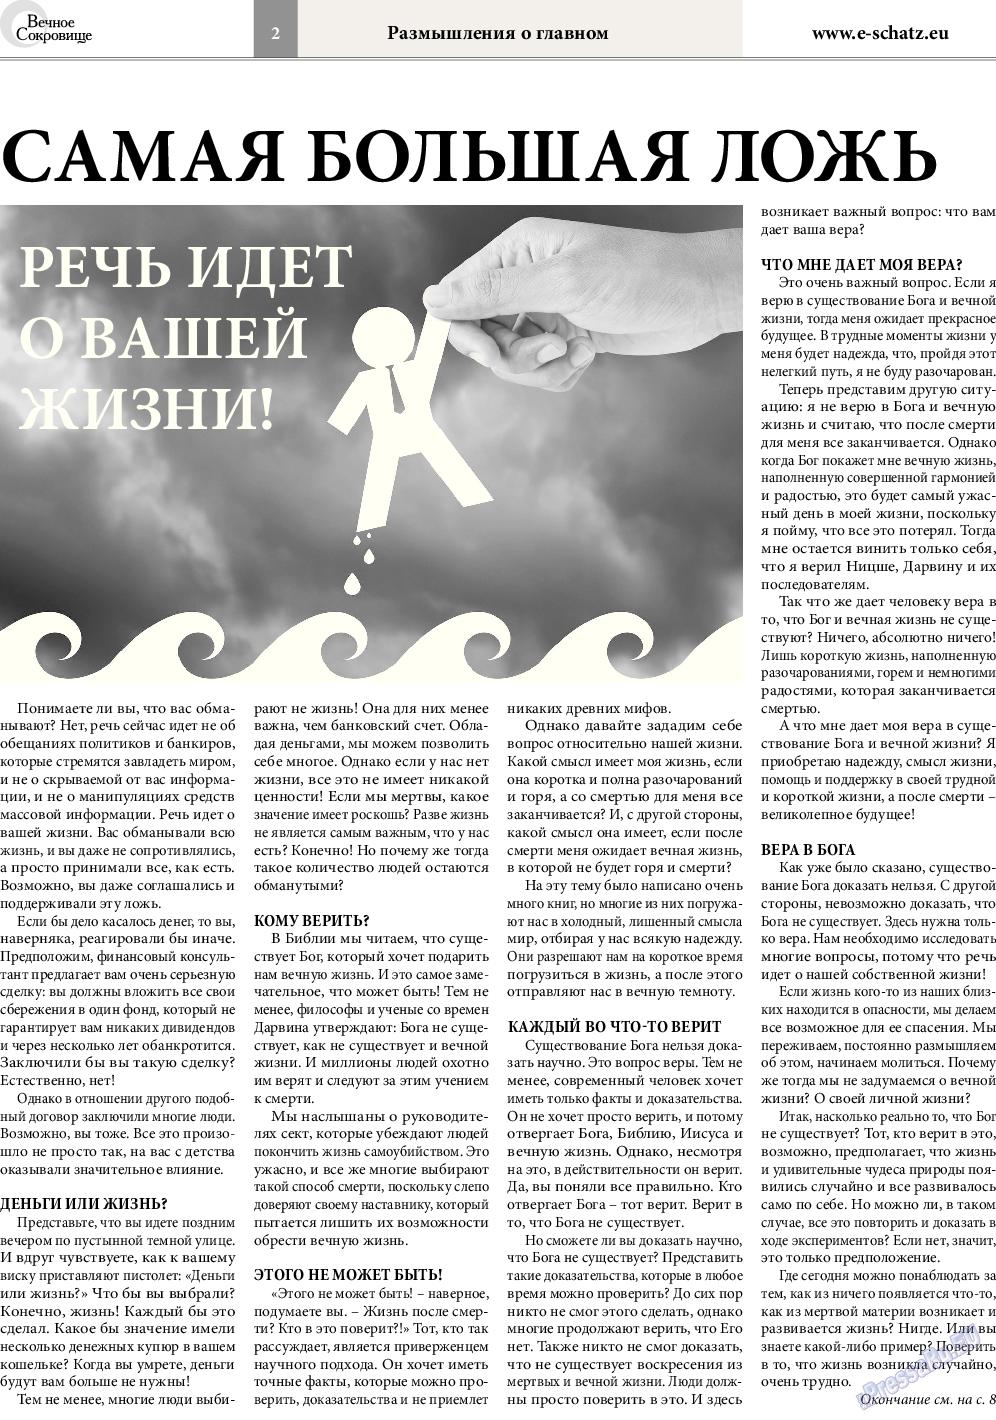 Вечное сокровище (газета). 2014 год, номер 5, стр. 2